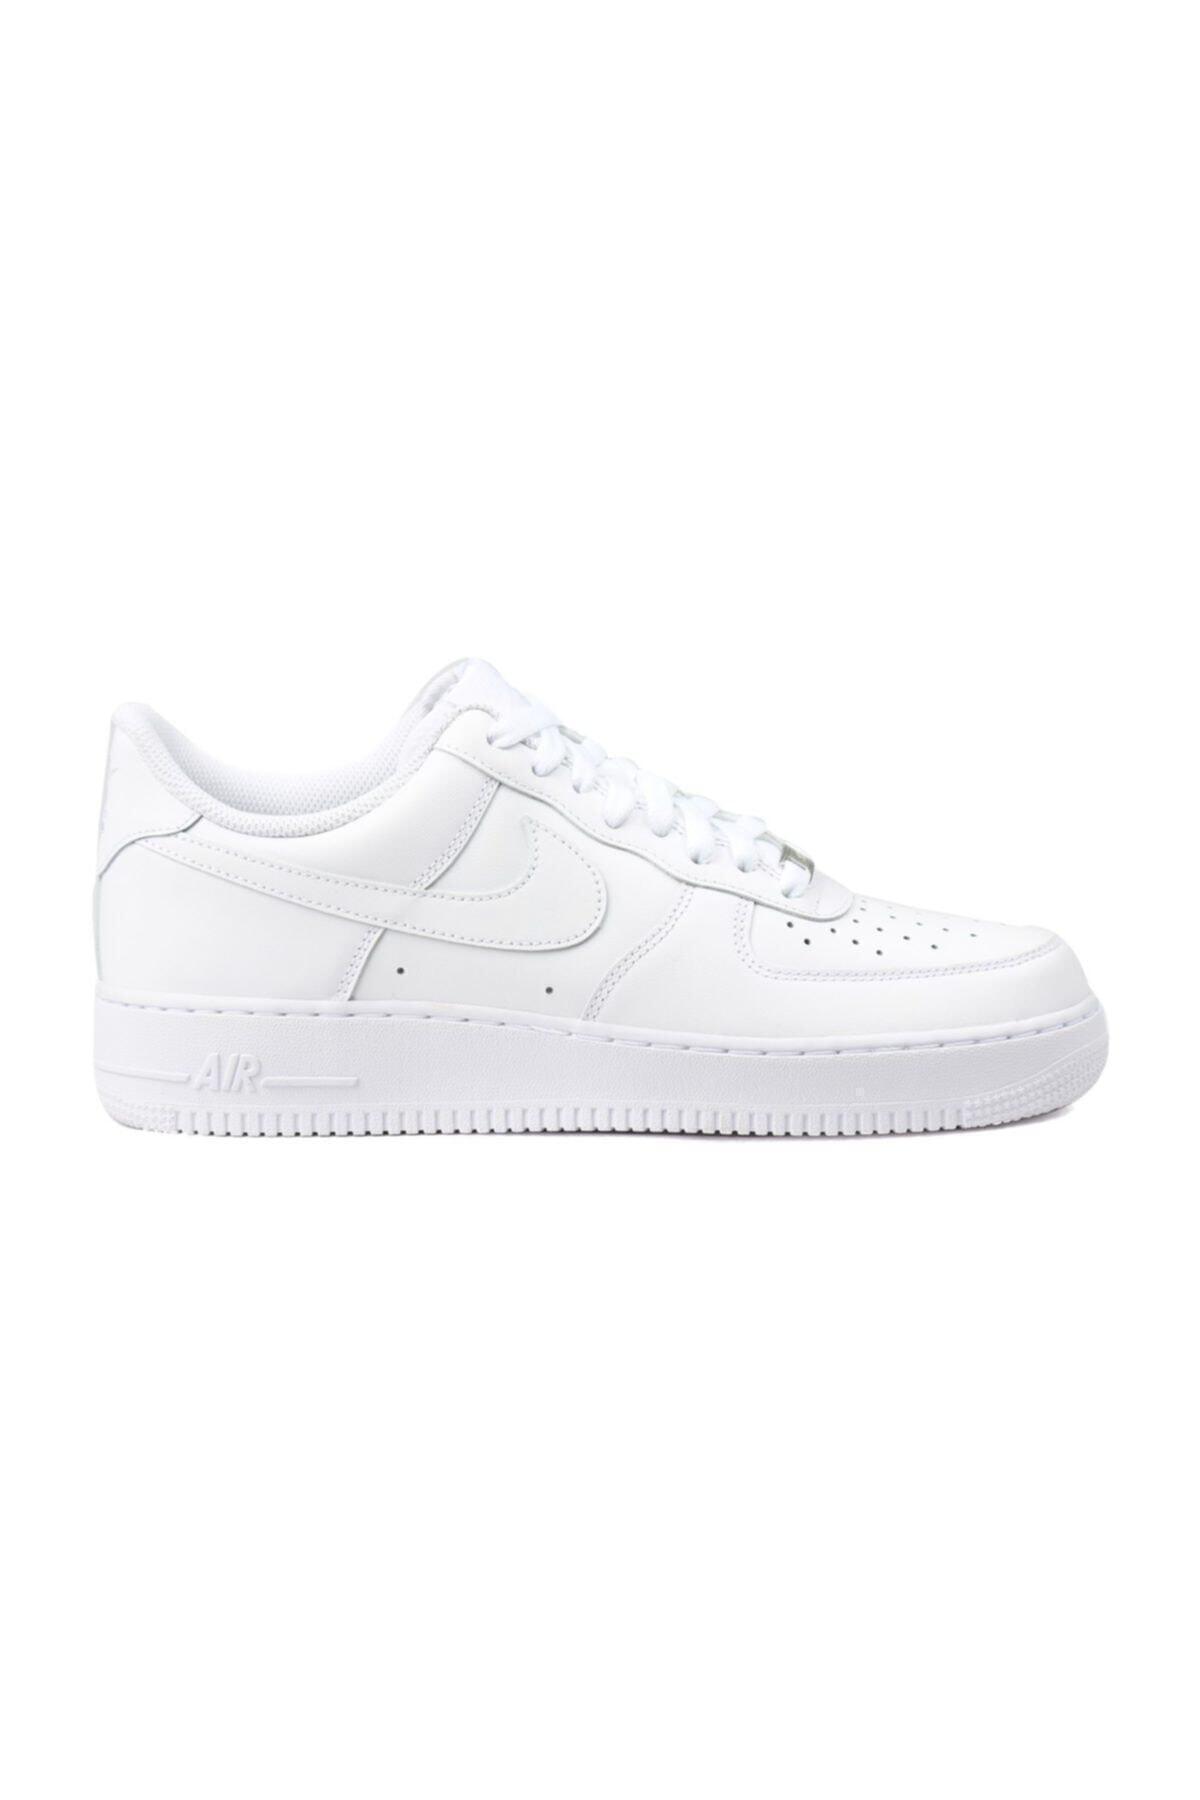 Nike Unısex Beyaz Spor Ayakkabı - Air Force 1 '07 - 315122-111 1